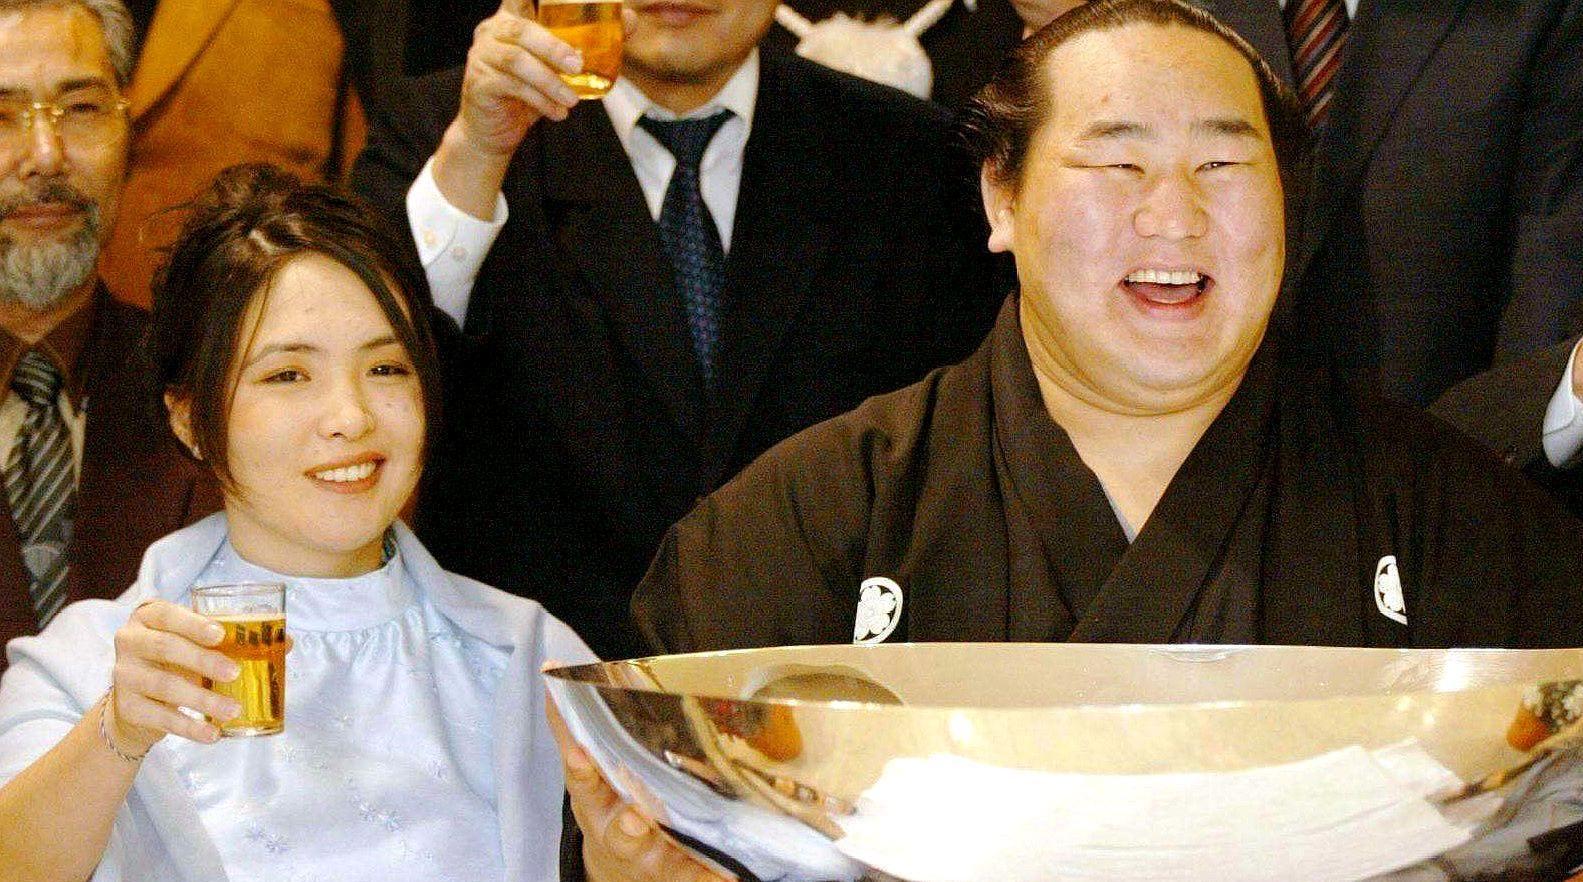 旅游时看到这群日本人,他们虽长得既胖又难看,但是老婆却很漂亮